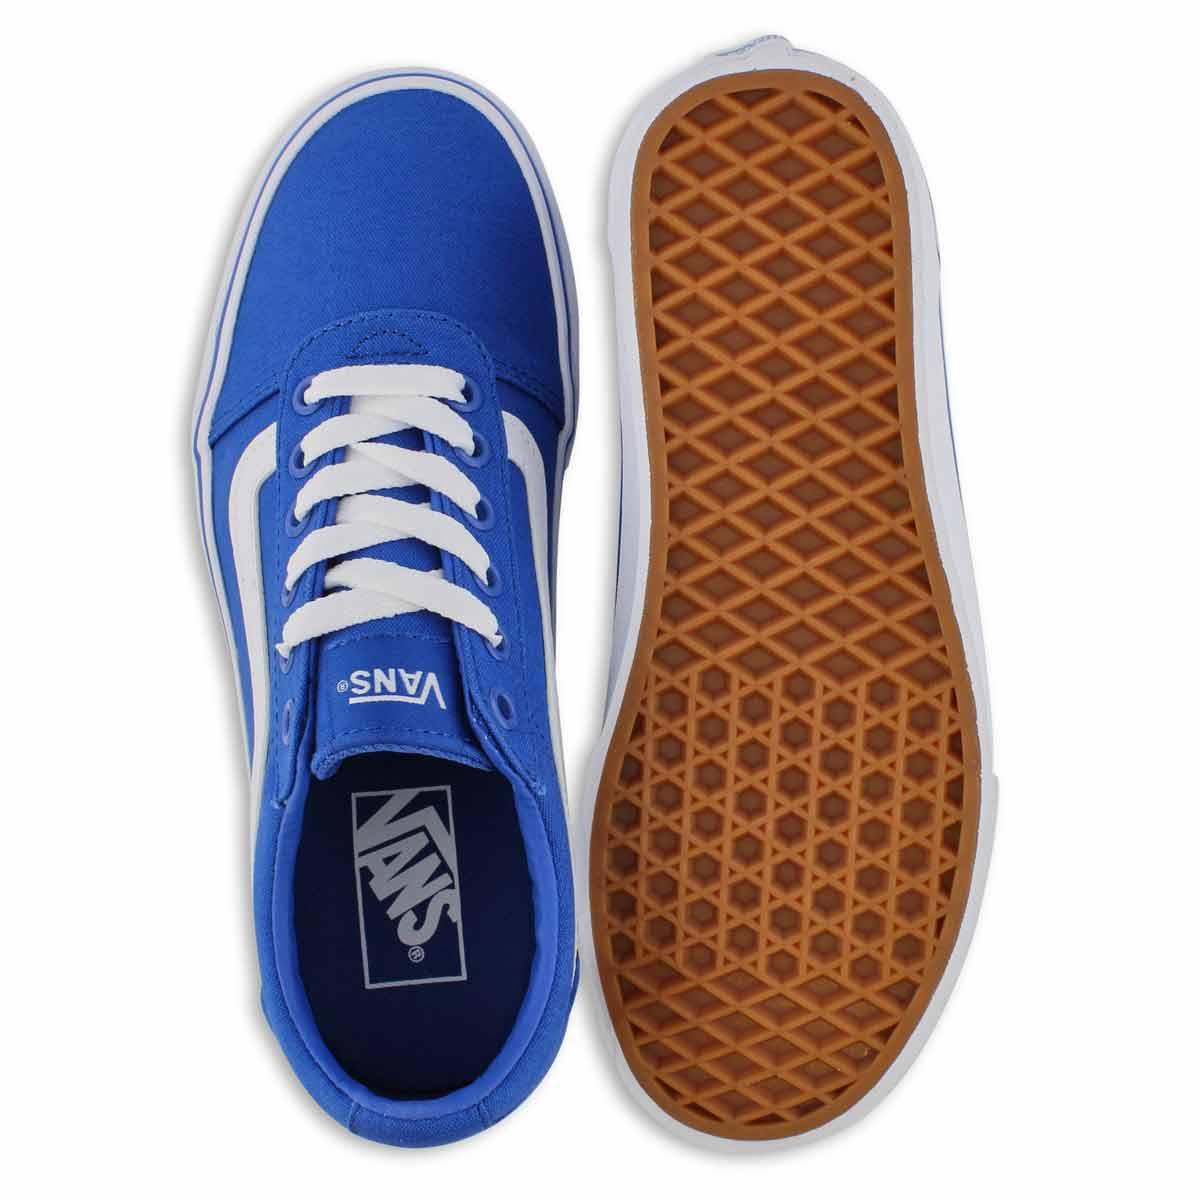 Lds Ward lapis blue lace up snkr